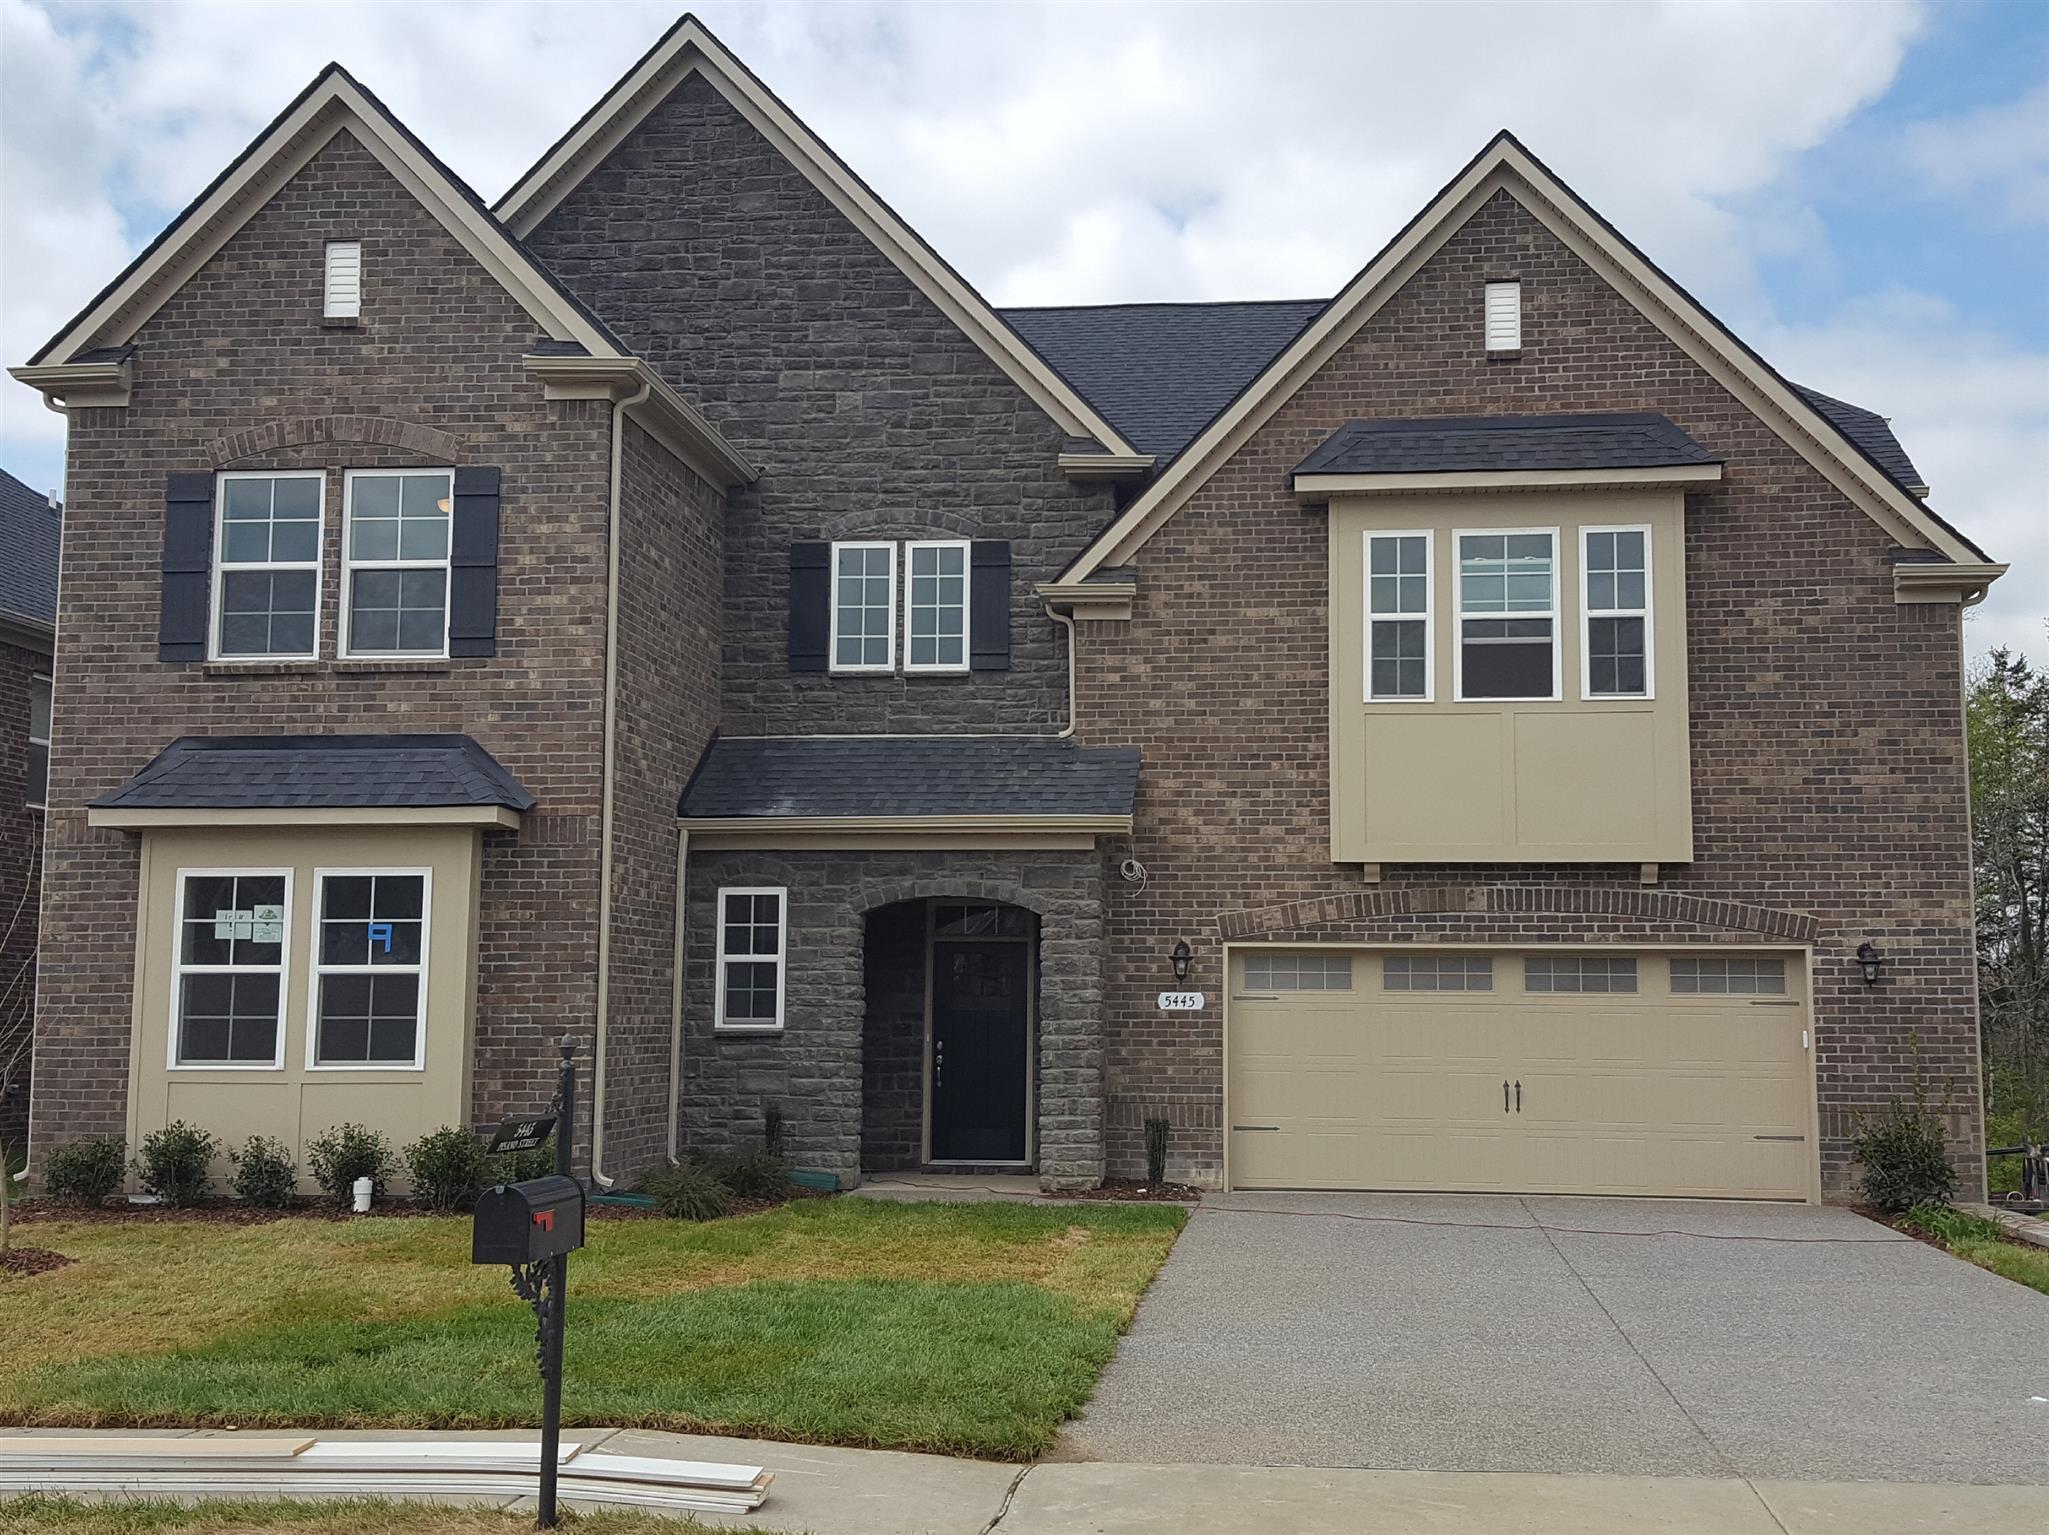 5445 Pisano Street Lot # 9, Mount Juliet, Tennessee